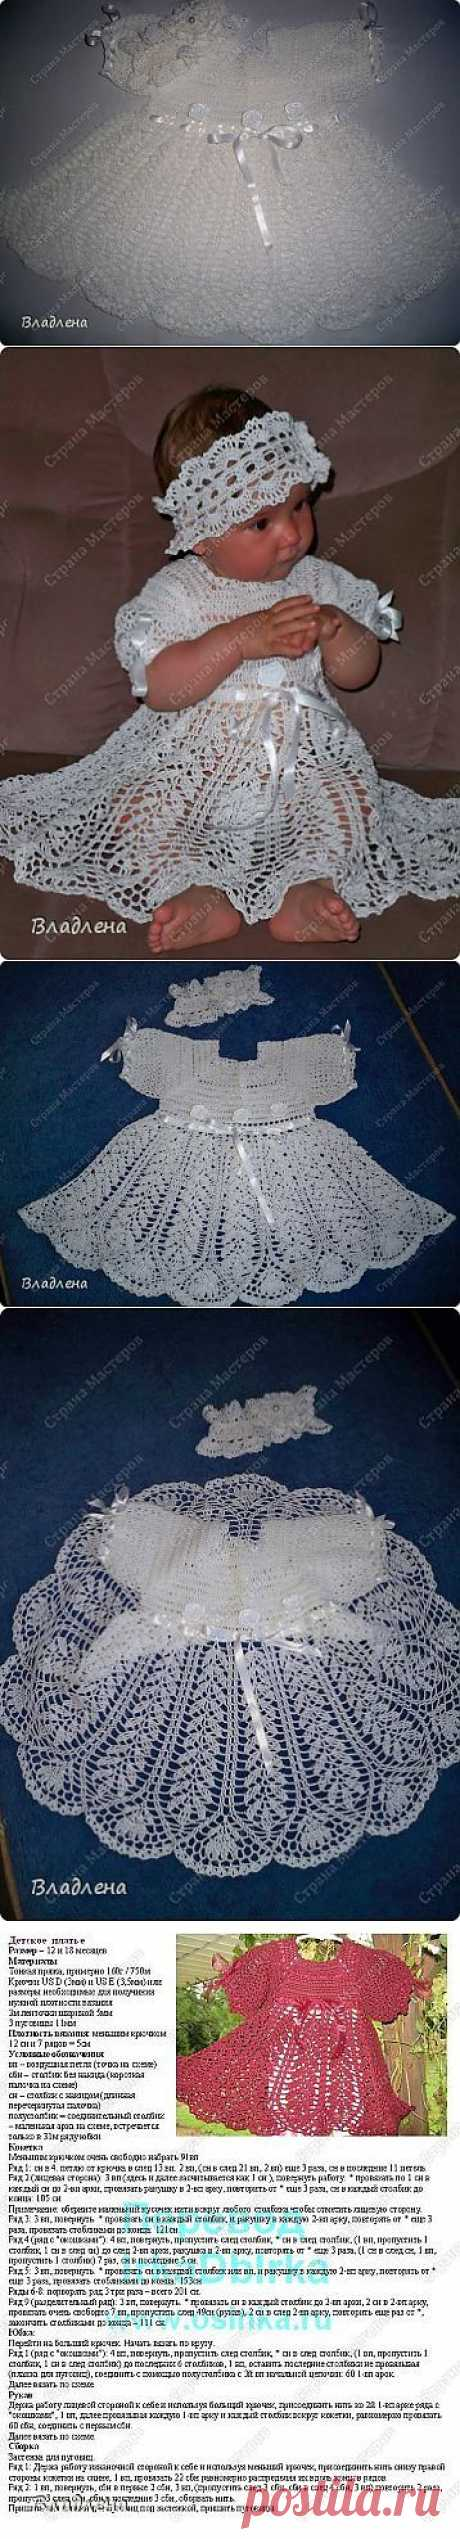 Крестильное платье. Вязание крючком » ProstoDelkino.com - поделки своими руками.